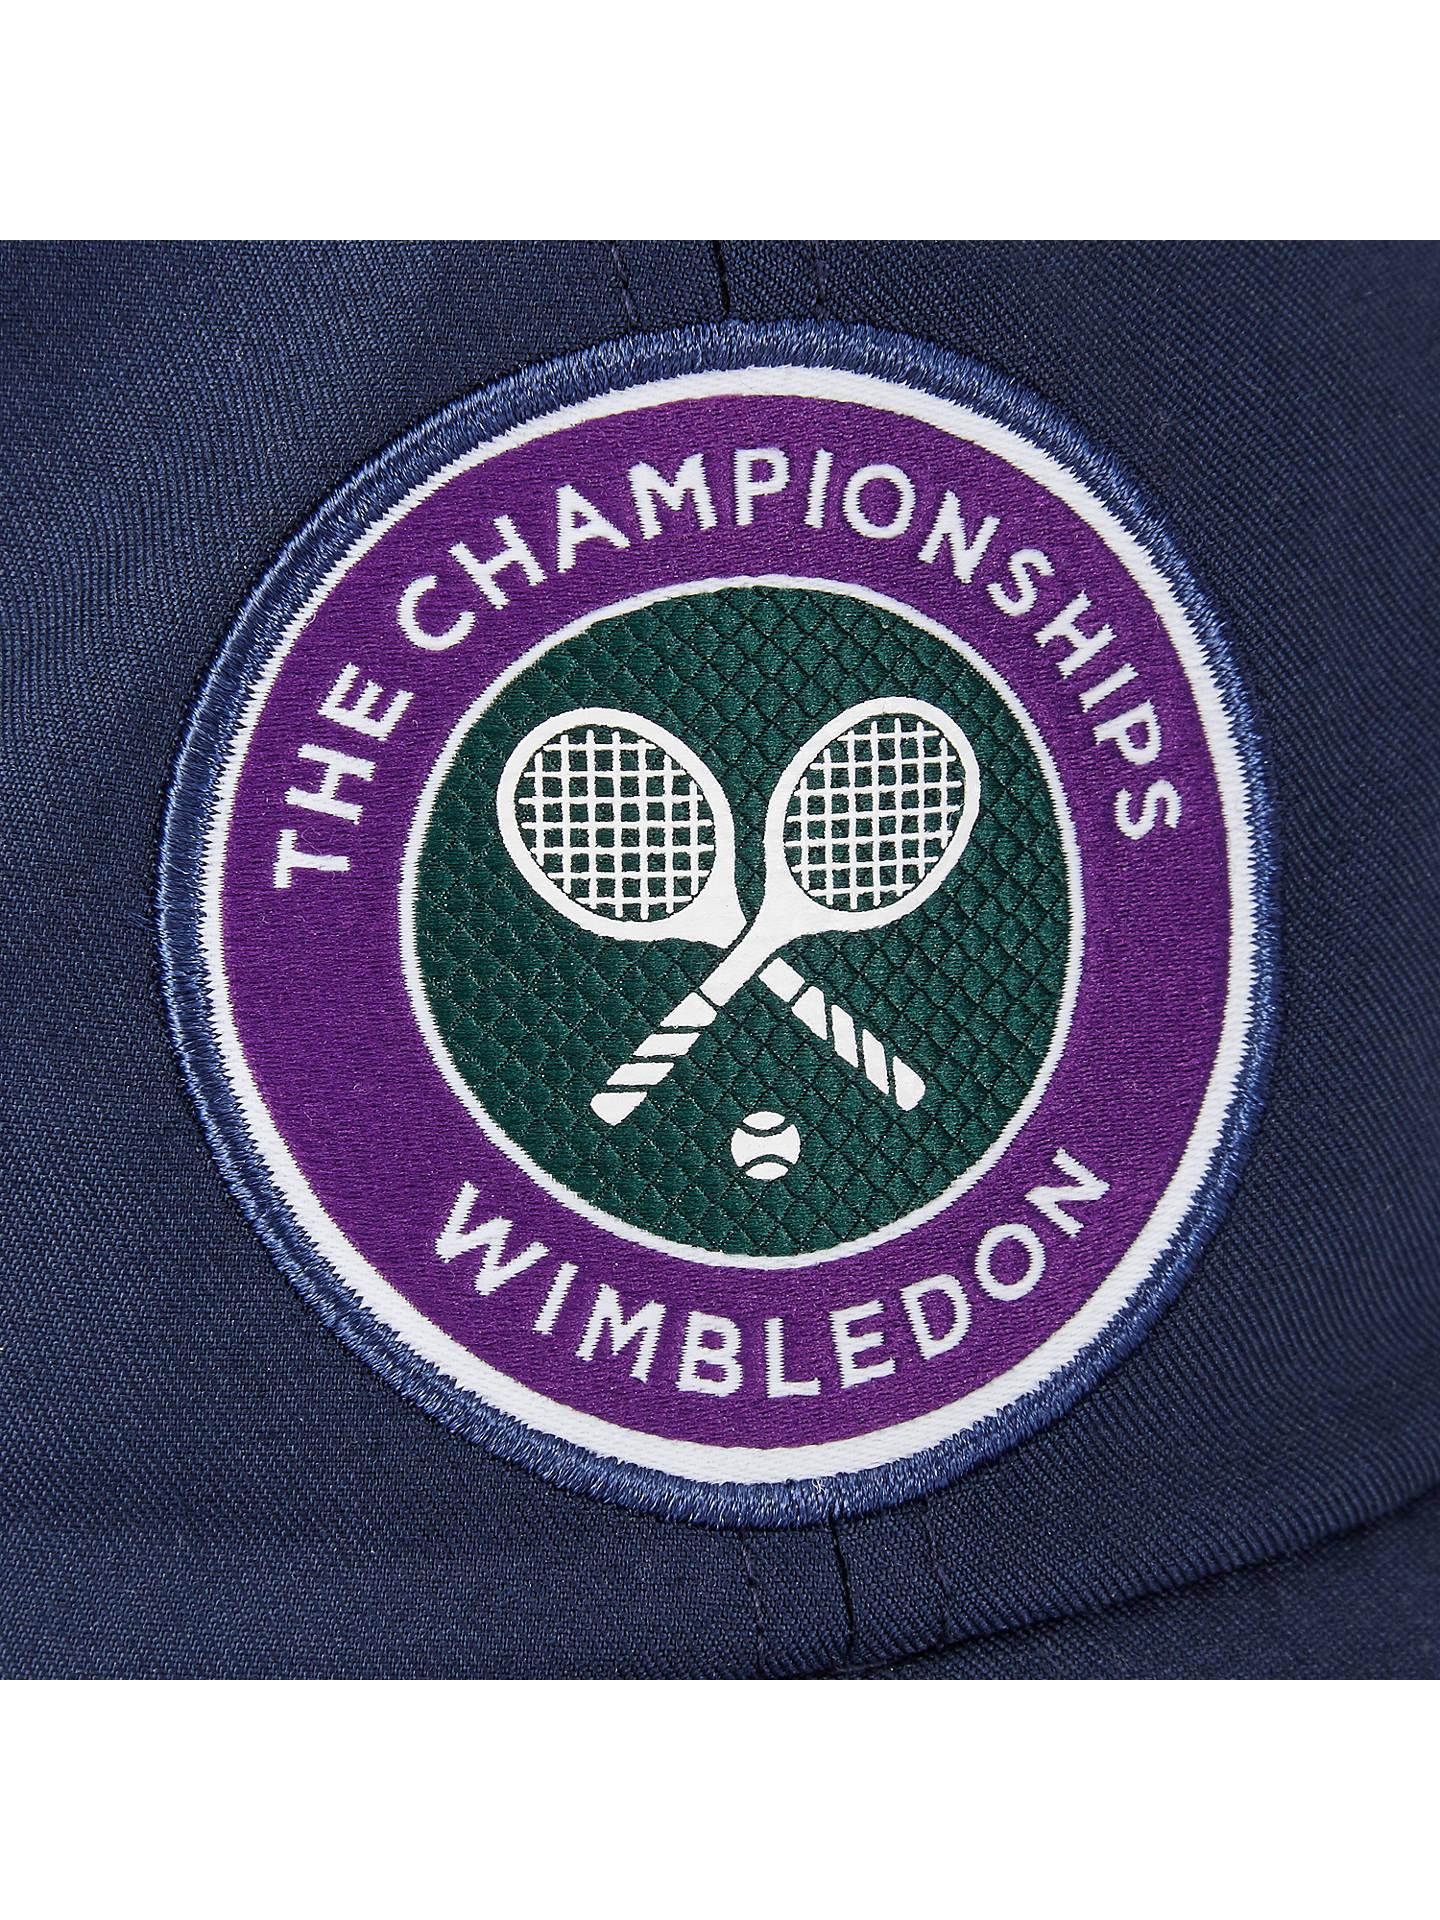 0942ab30f94e9 ... Buy Polo Ralph Lauren Wimbledon Cross Court Cap